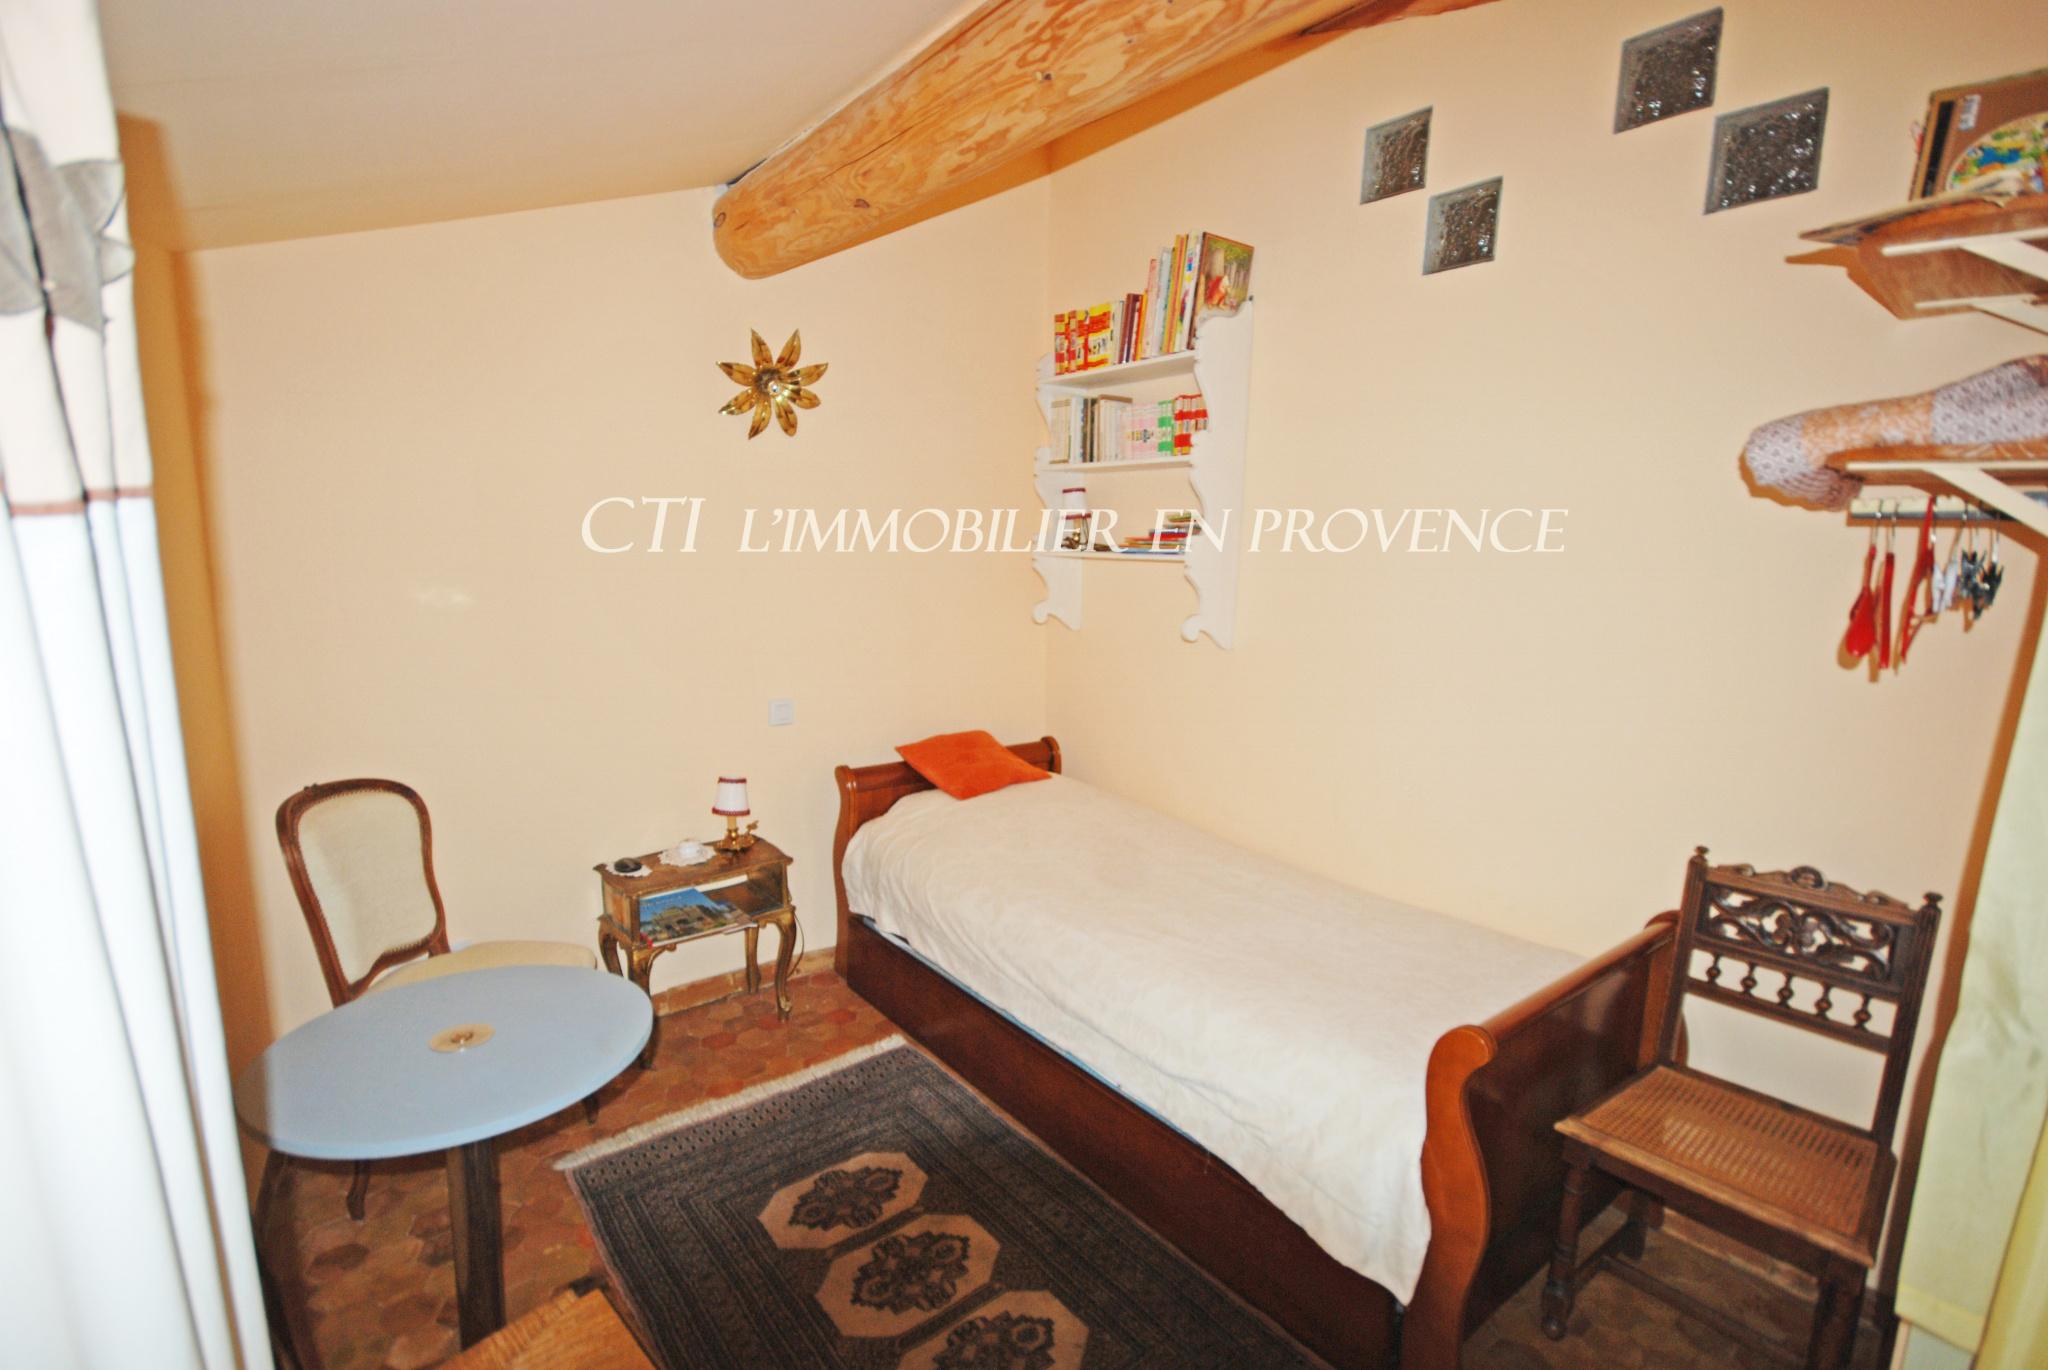 A VENDRE www.cti-provence.net MAISON EN PIERRE VUE VAISON LA ROMAINE TERRASSE COUR GARAGE CAVE